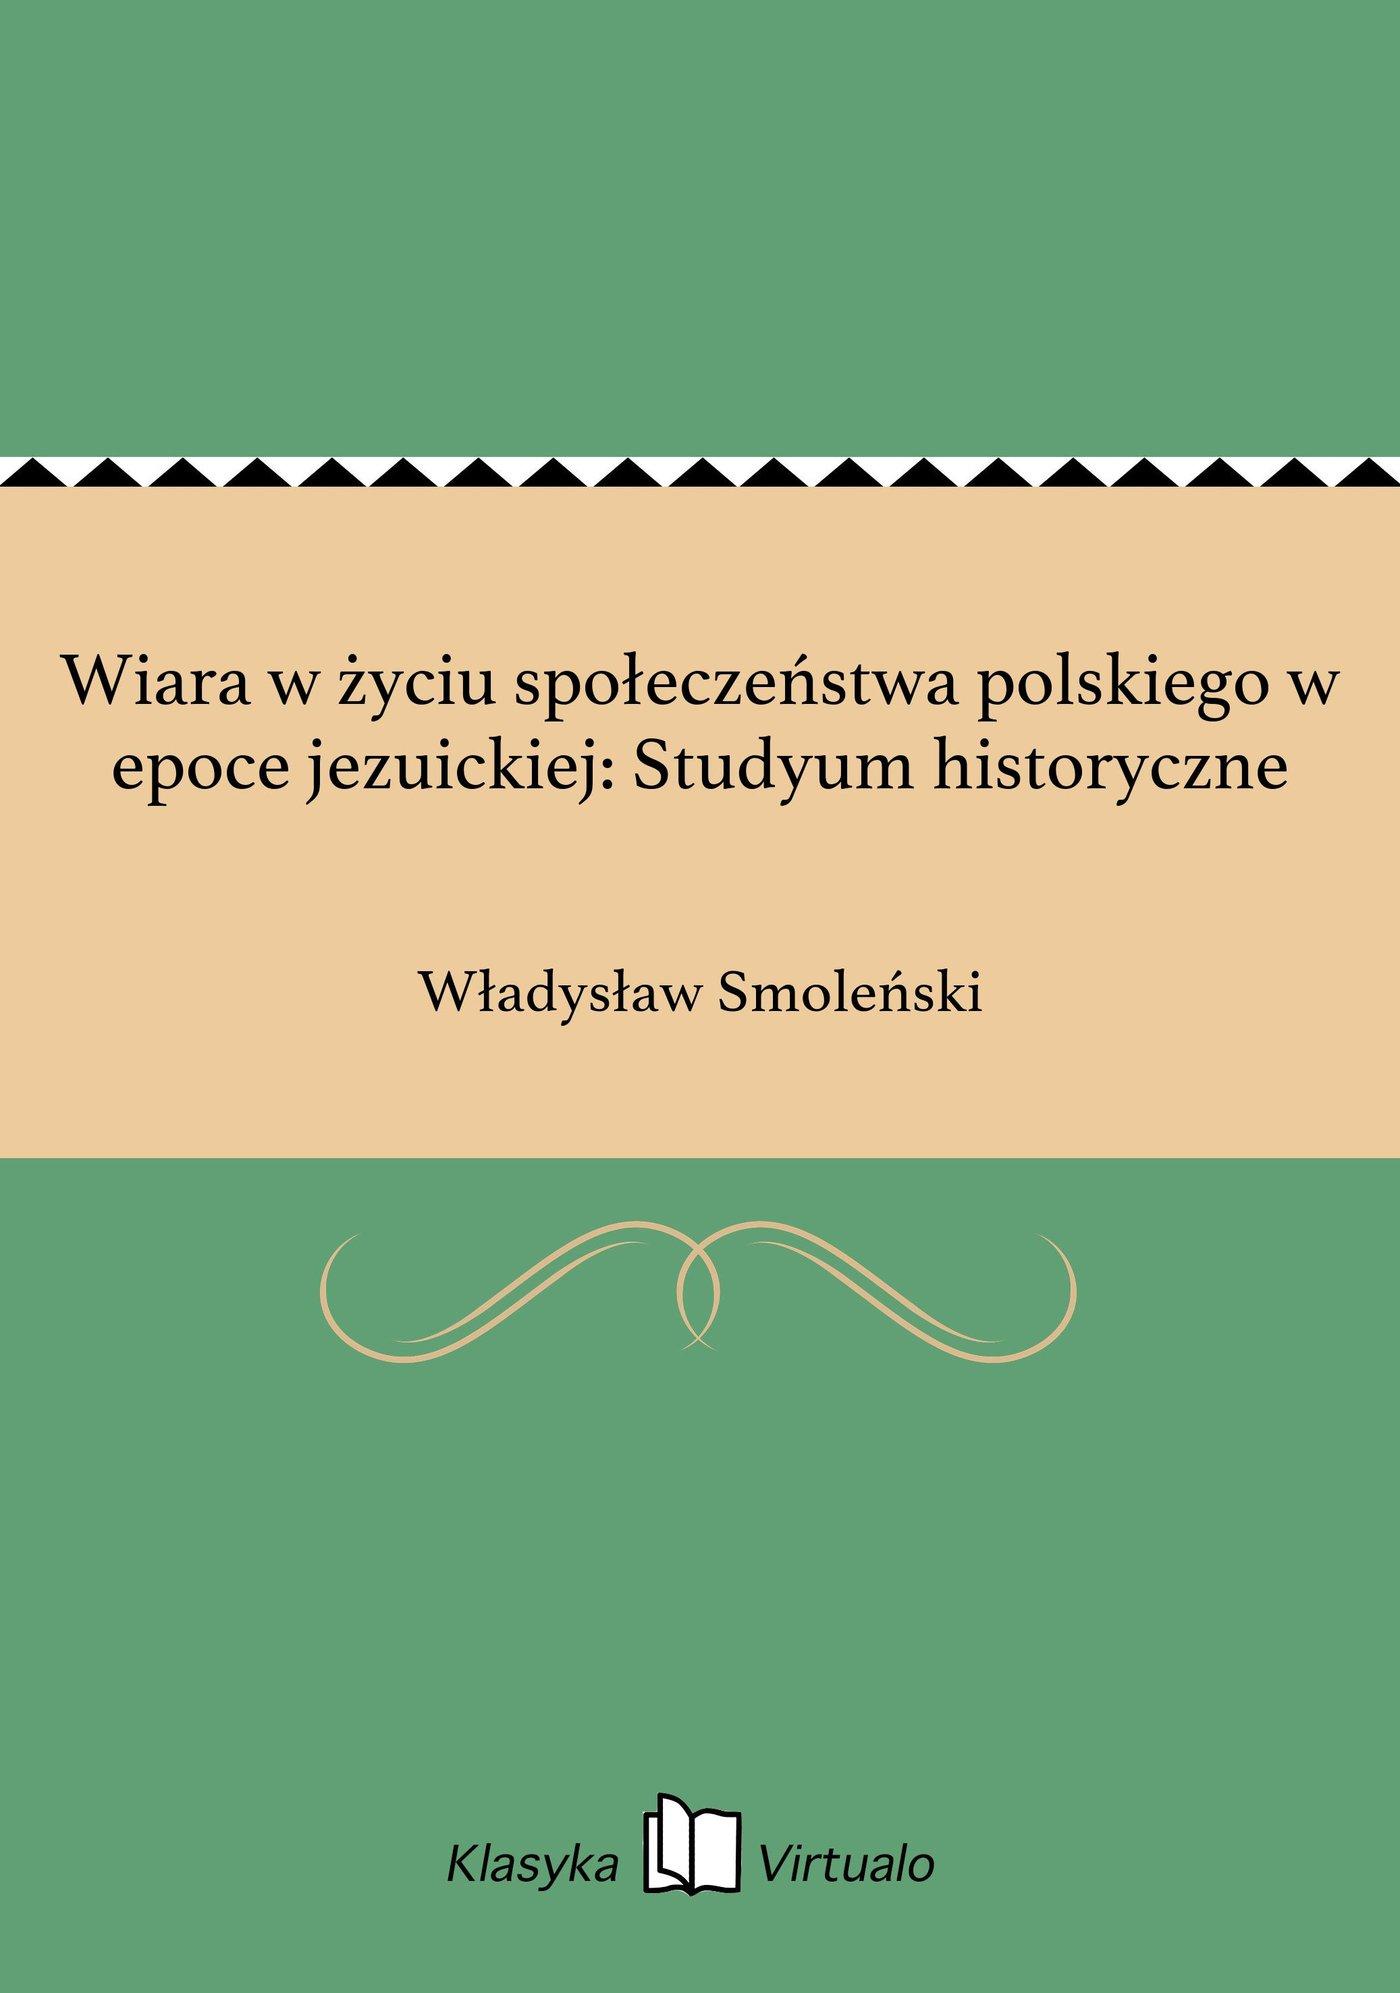 Wiara w życiu społeczeństwa polskiego w epoce jezuickiej: Studyum historyczne - Ebook (Książka EPUB) do pobrania w formacie EPUB